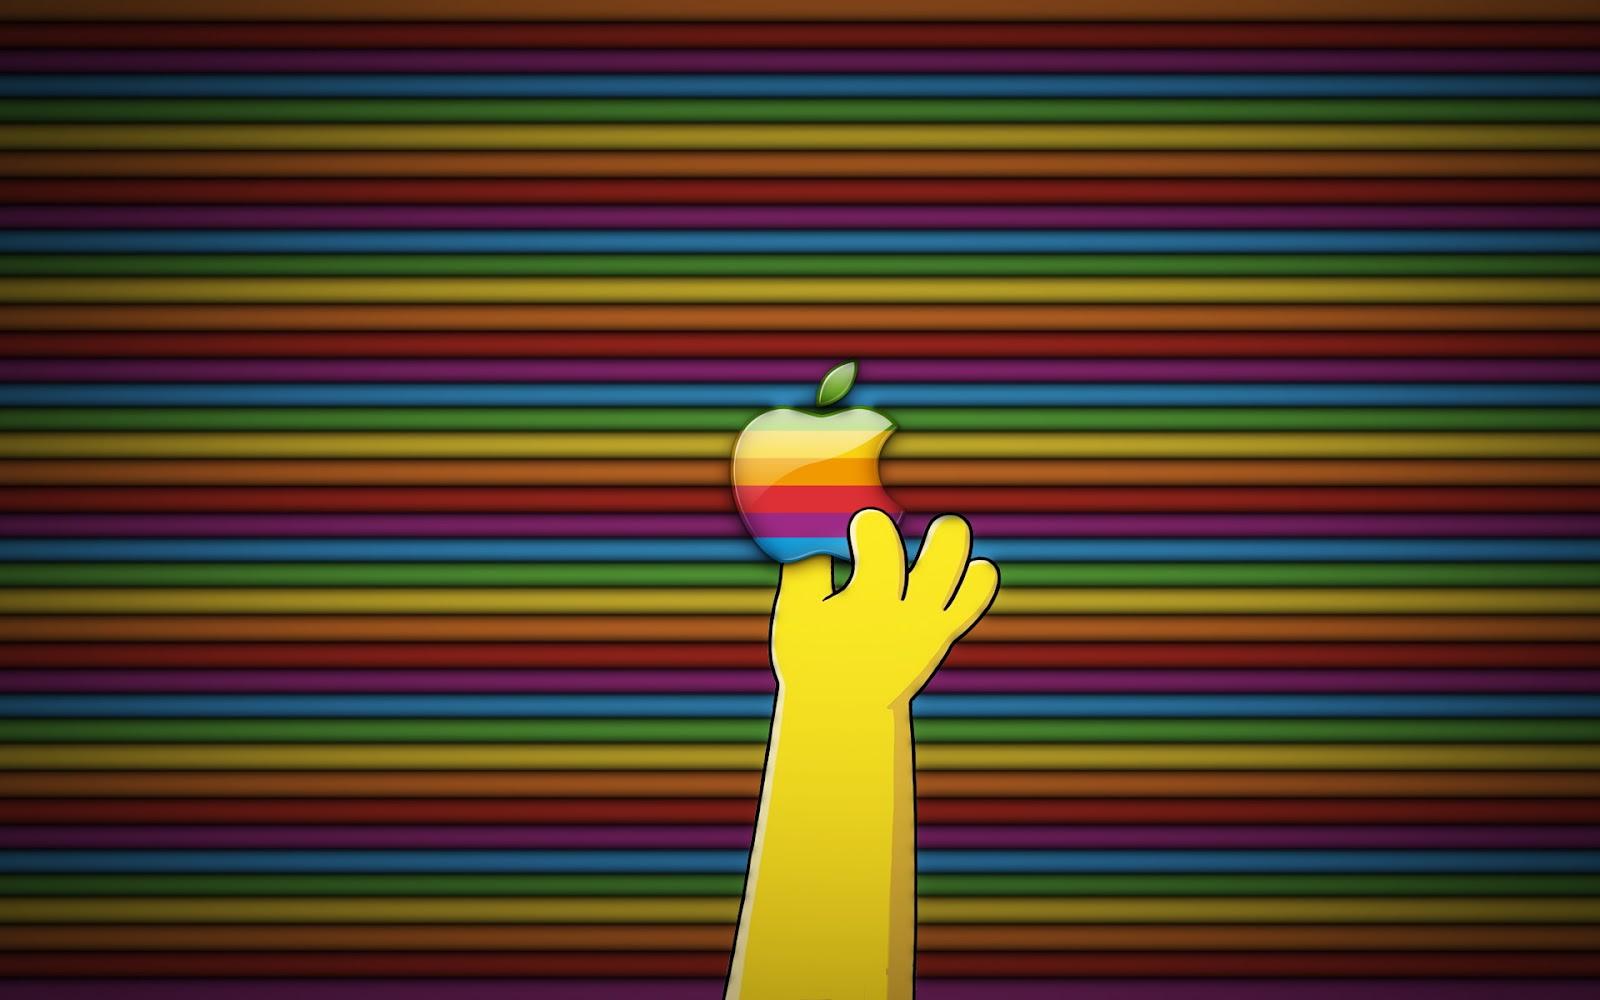 Wallpaper Pour Ipod